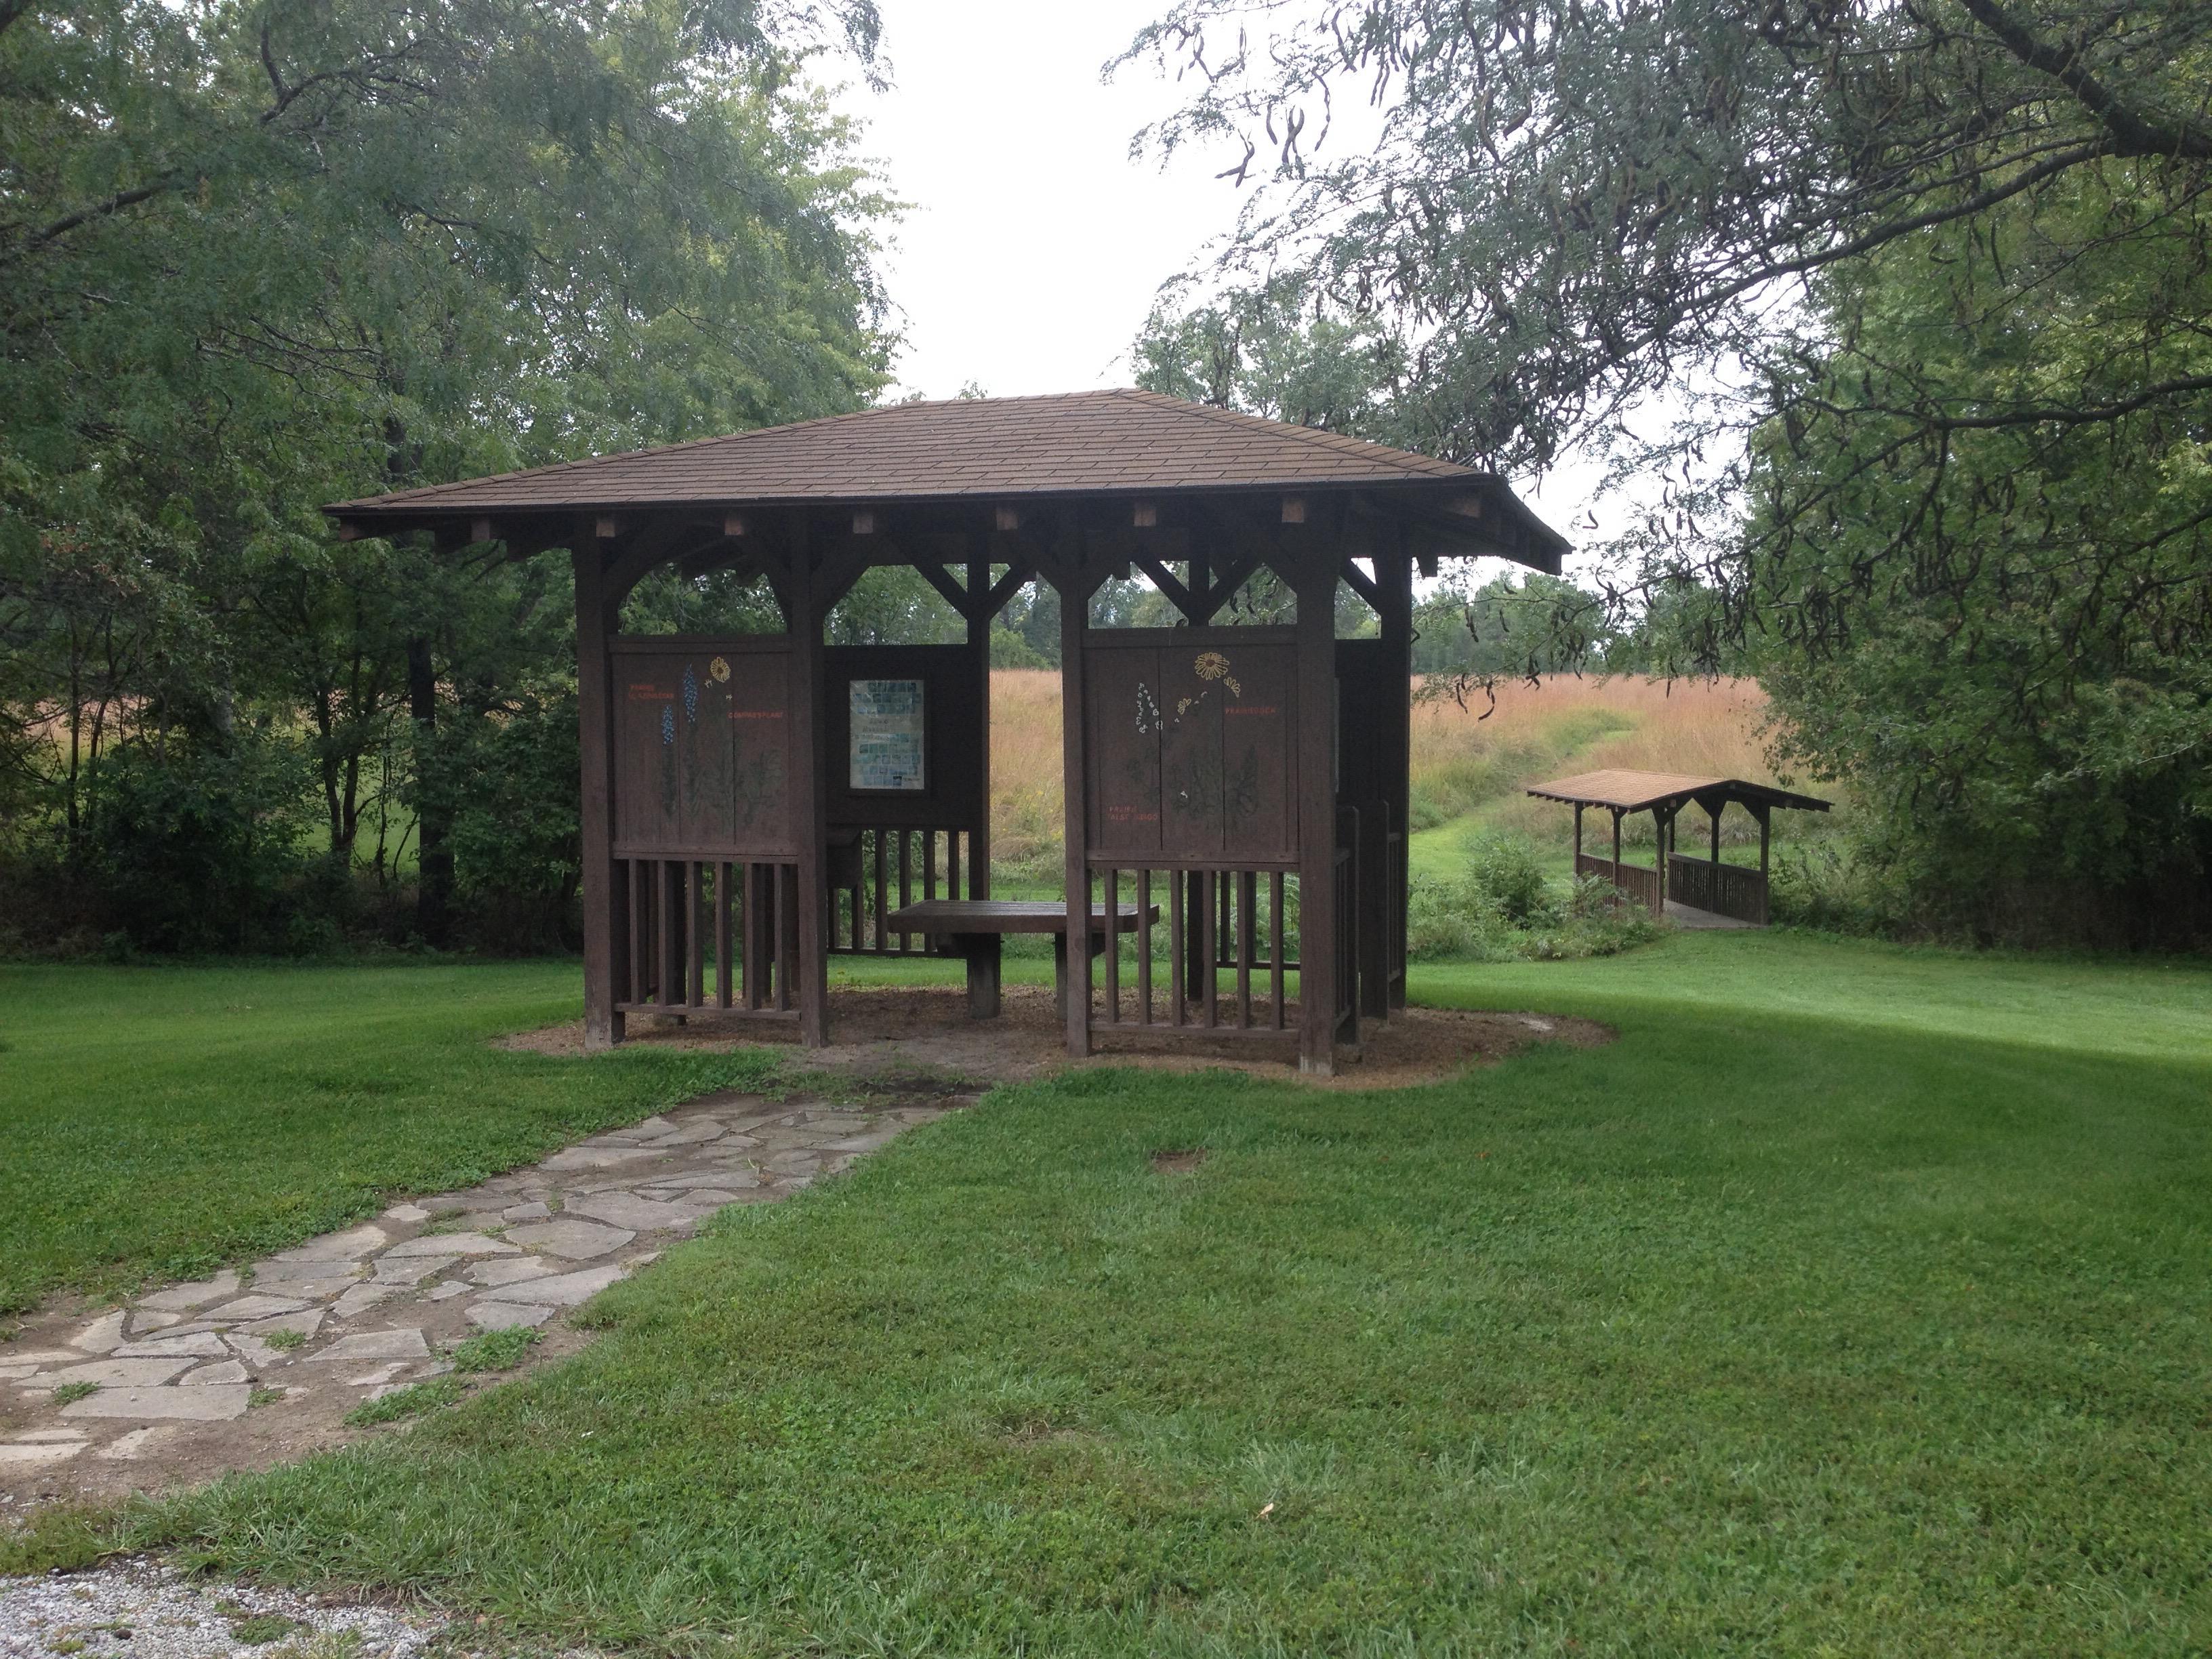 Prairie Information Shelter